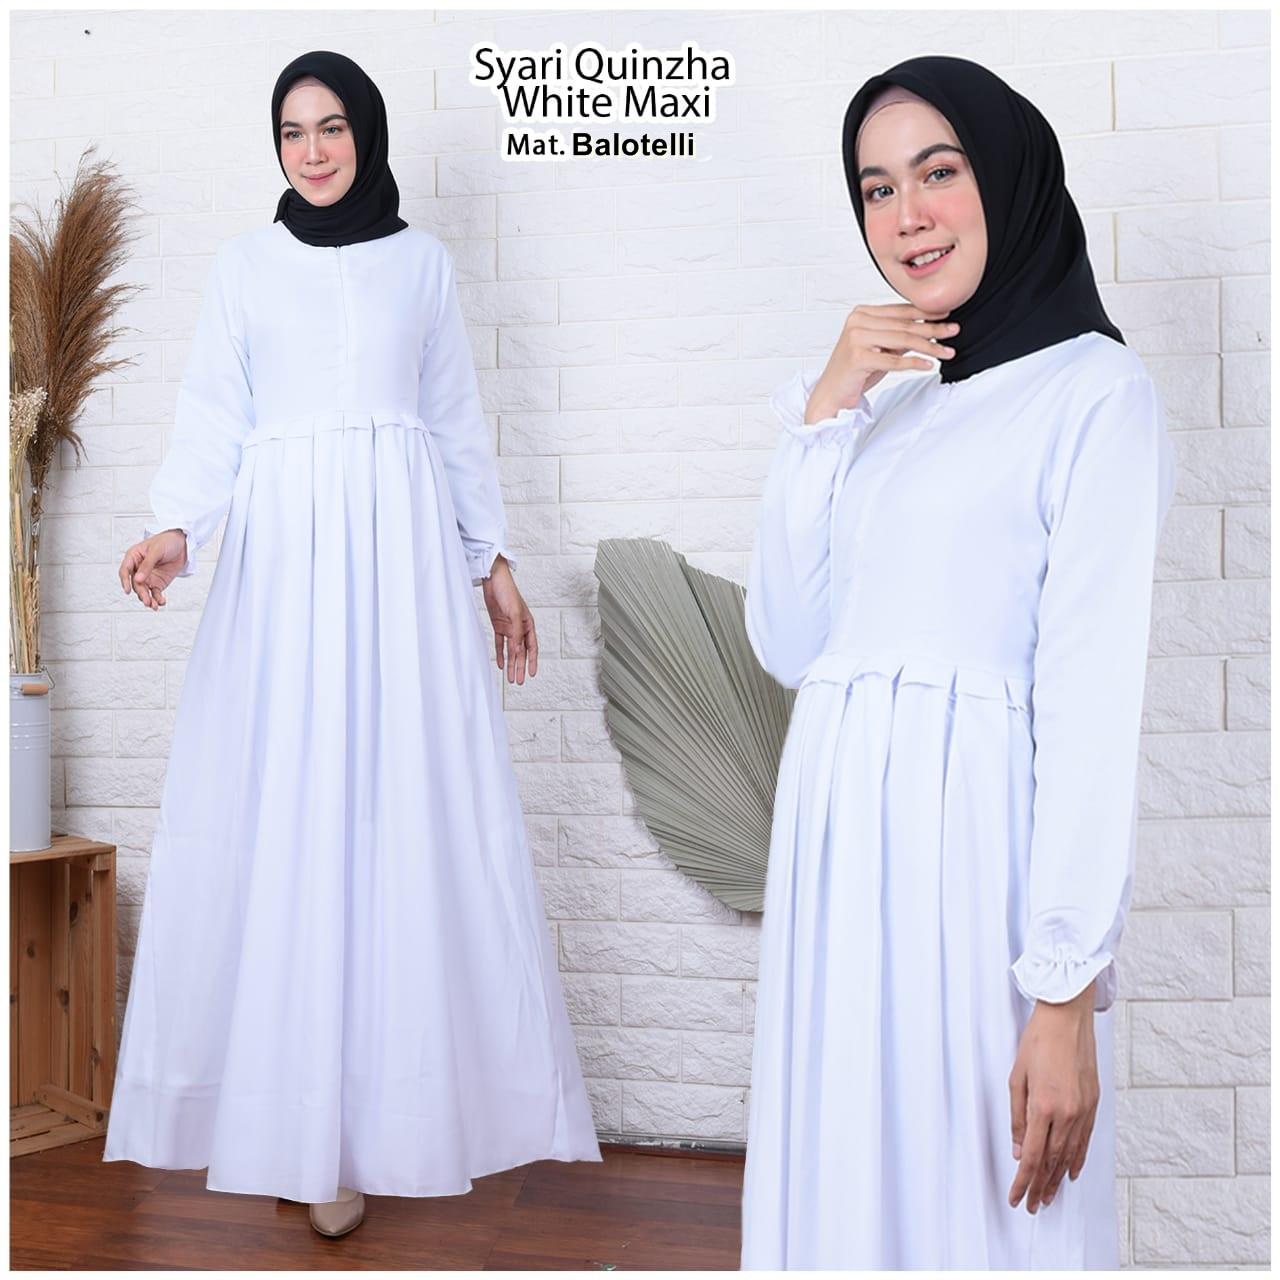 SHAKILA Quinzha Gamis Putih Polos Gamis Pengajian Gamis Manasik Haji Gamis  Syari Gamis Terlaris Gamis Umroh Gamis Murah Gamis Jumbo Dress Syari Gamis